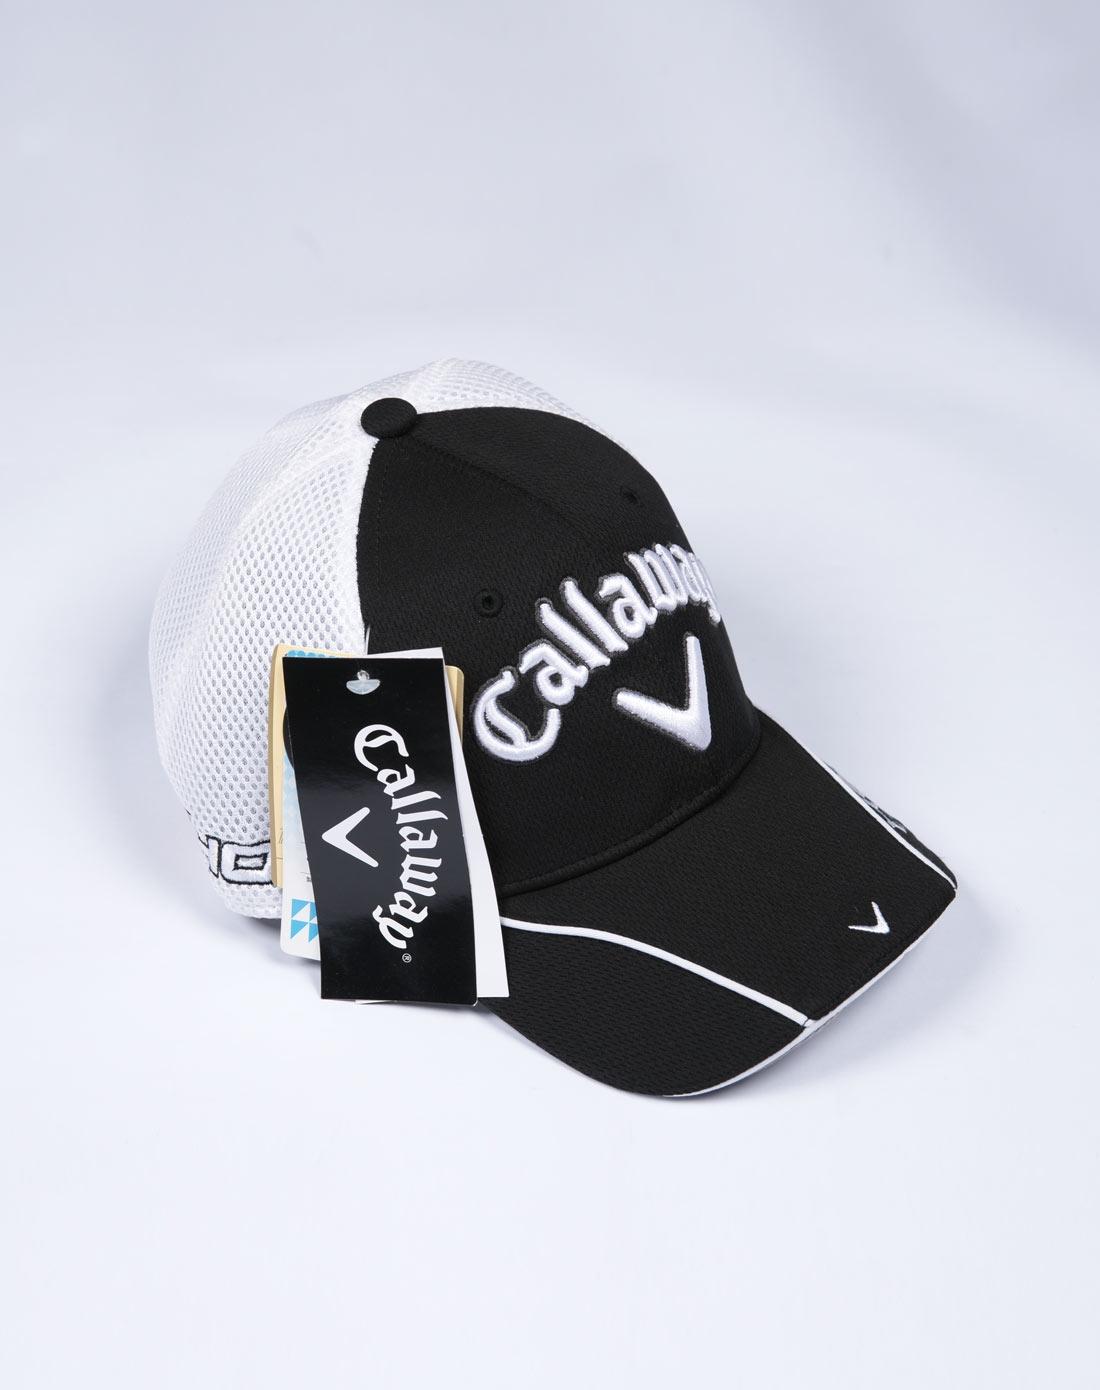 callaway男女男士黑色帽子242mlg984607010